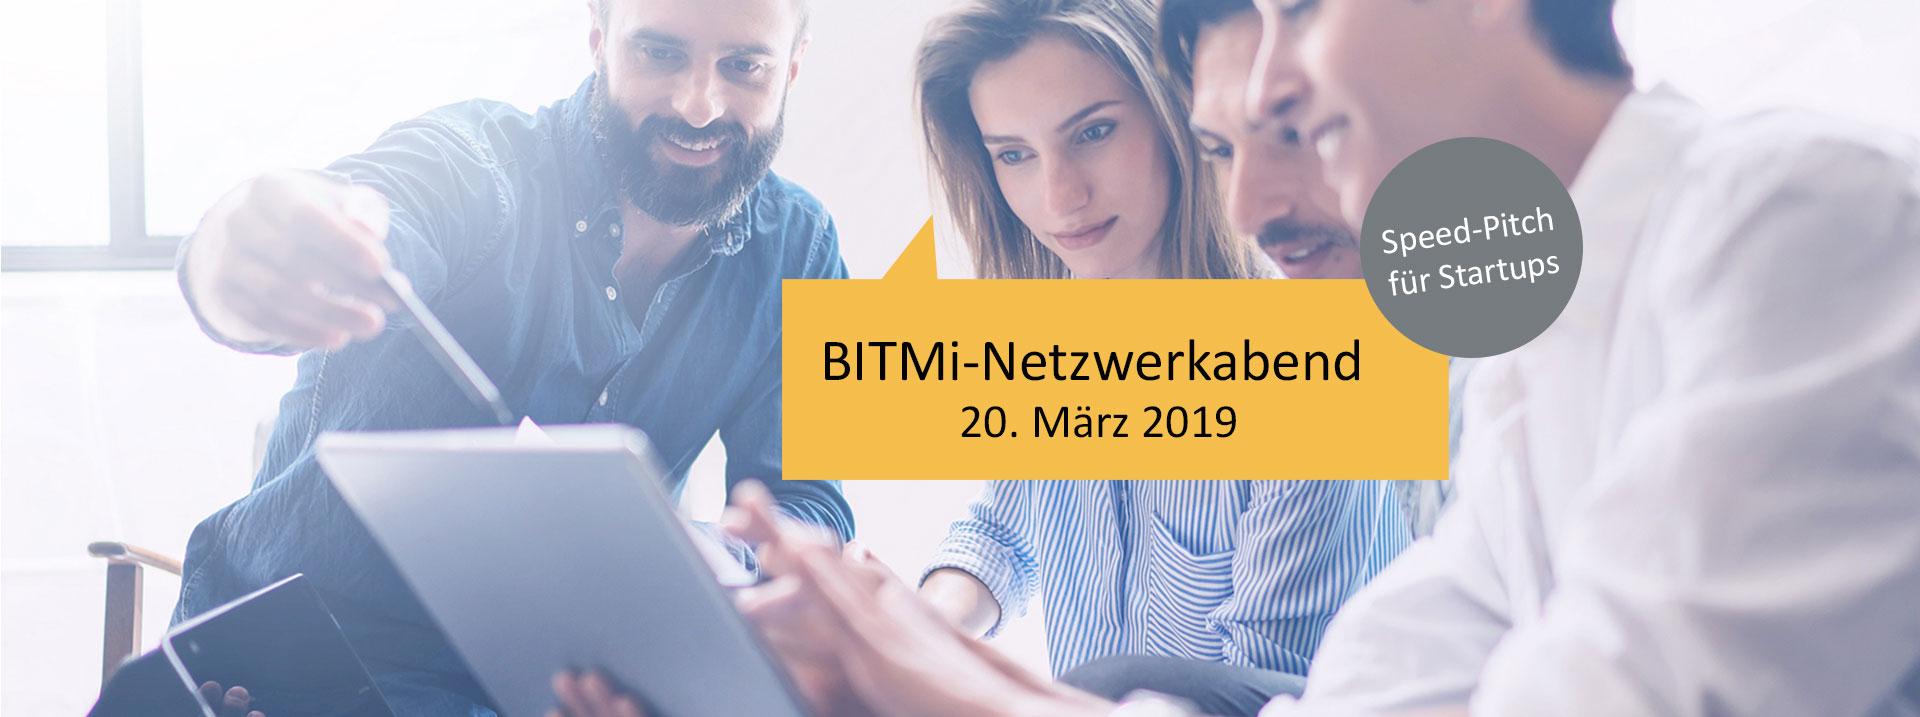 BITMi-Netzwerkabend